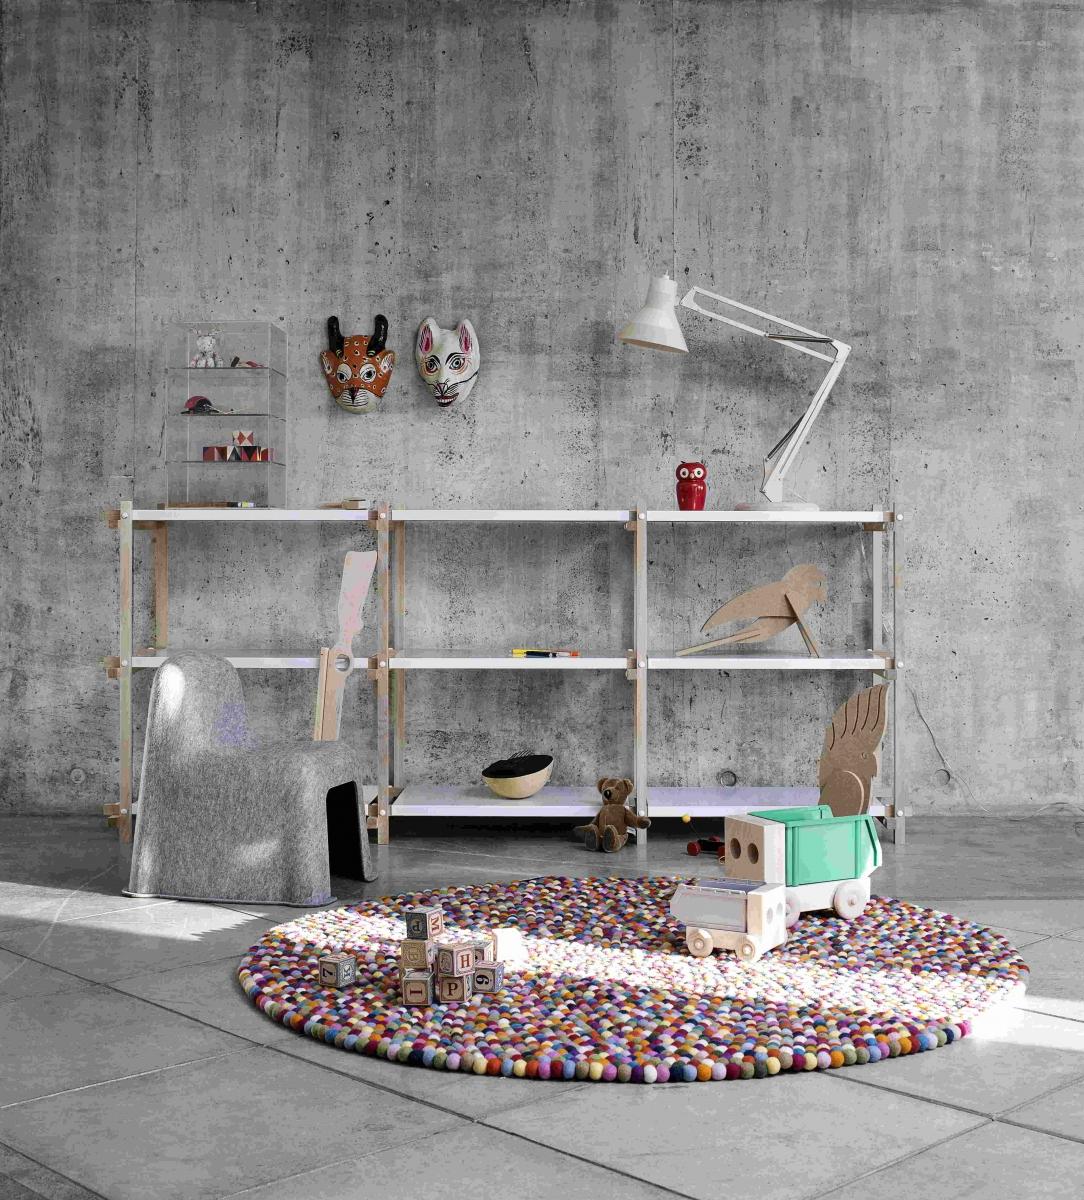 Kinderkamer idee vloerkleed - Tapijt voor volwassen kamer ...